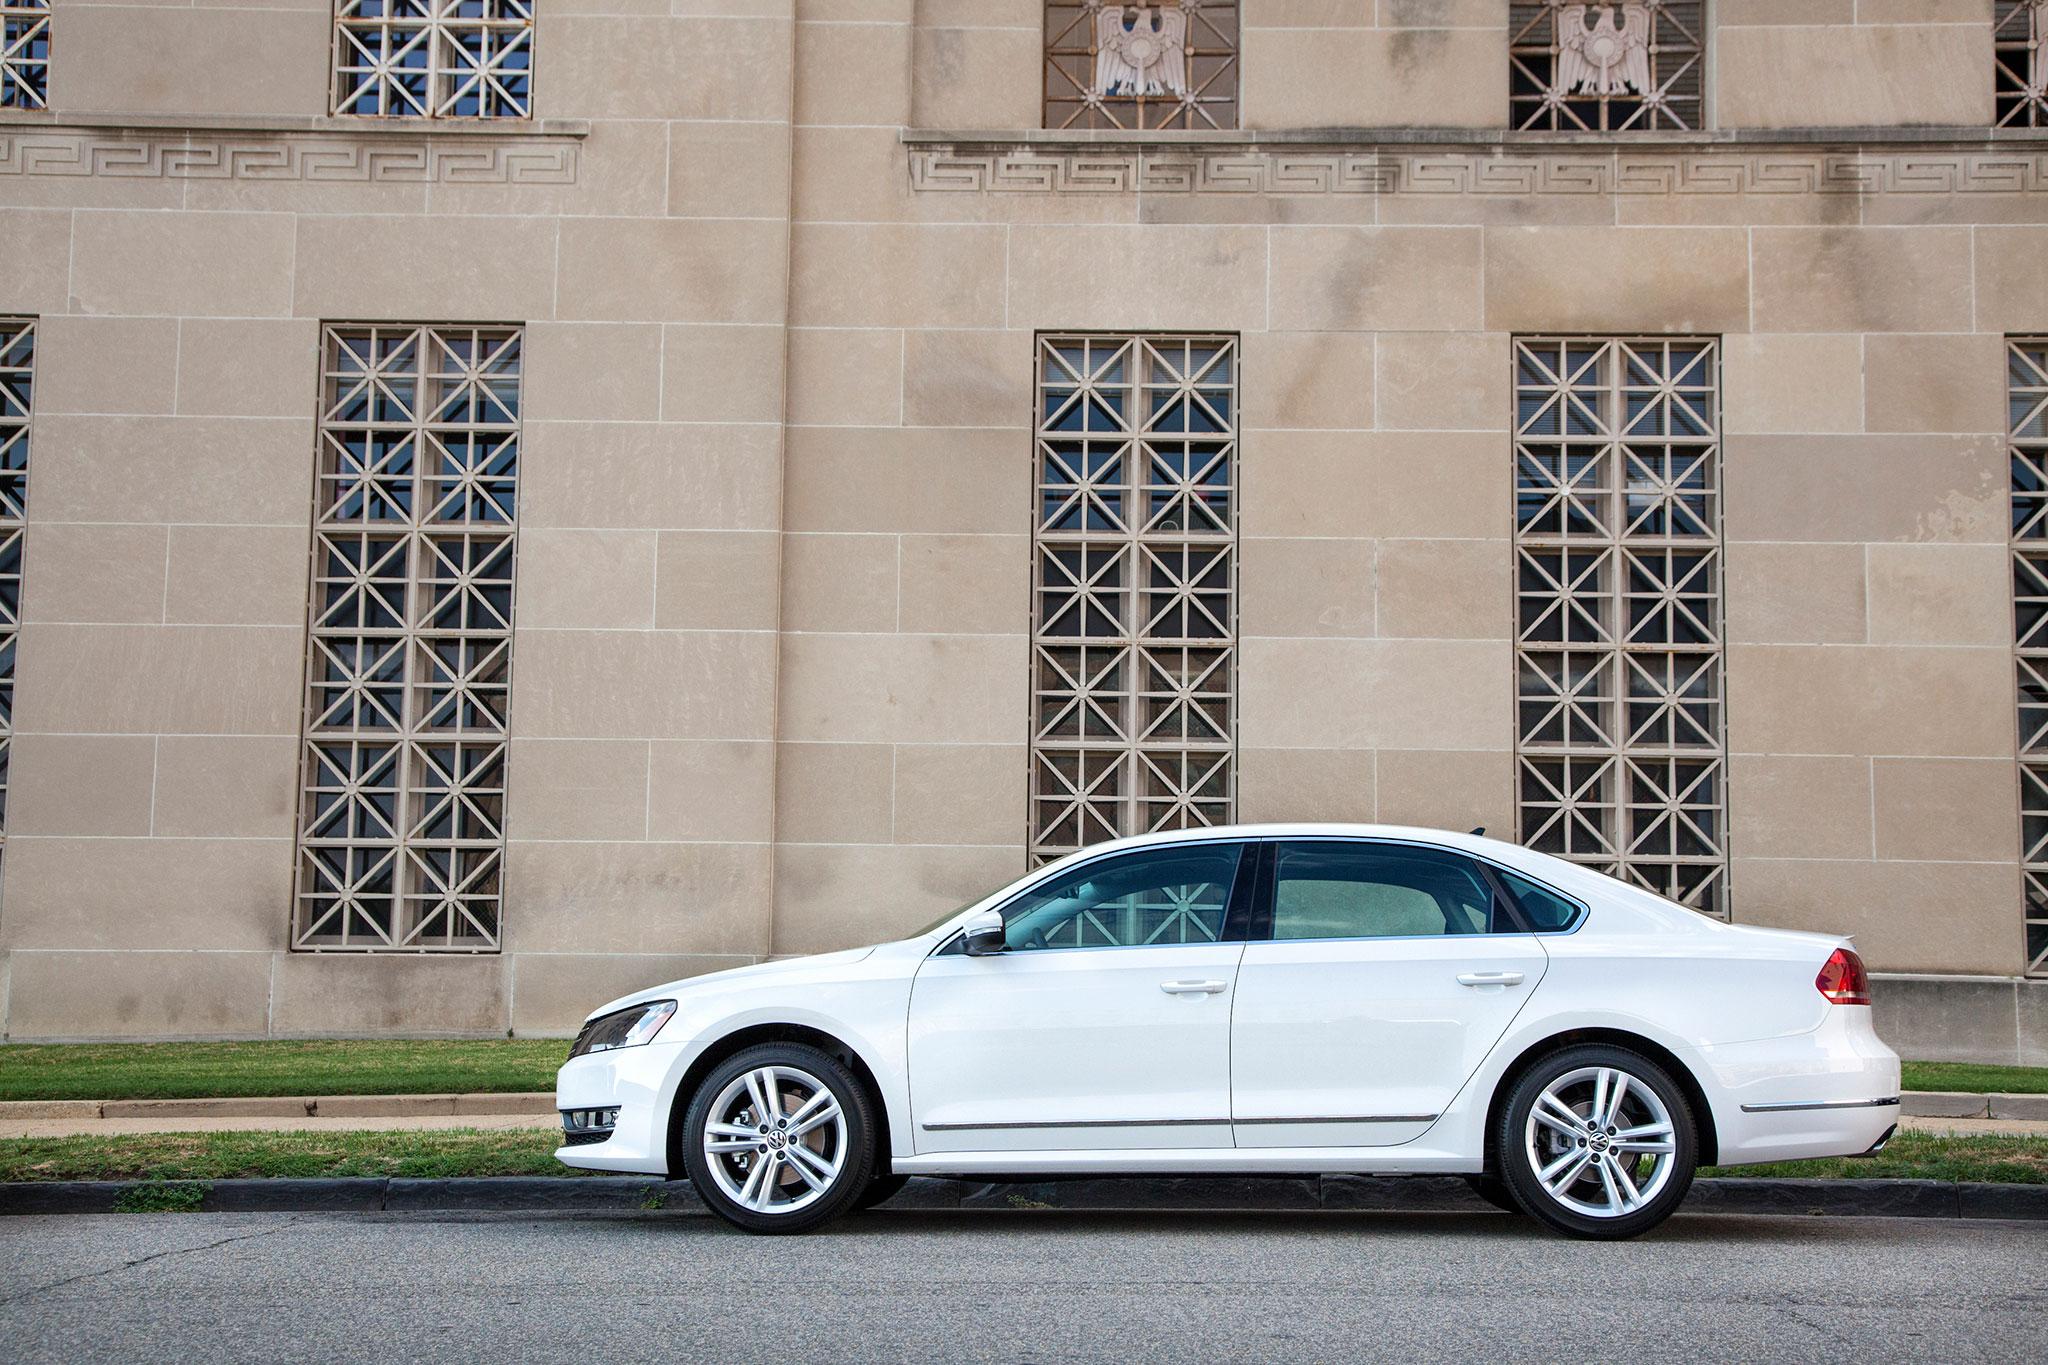 2014 Volkswagen Passat 1 8T Sport: Around The Block